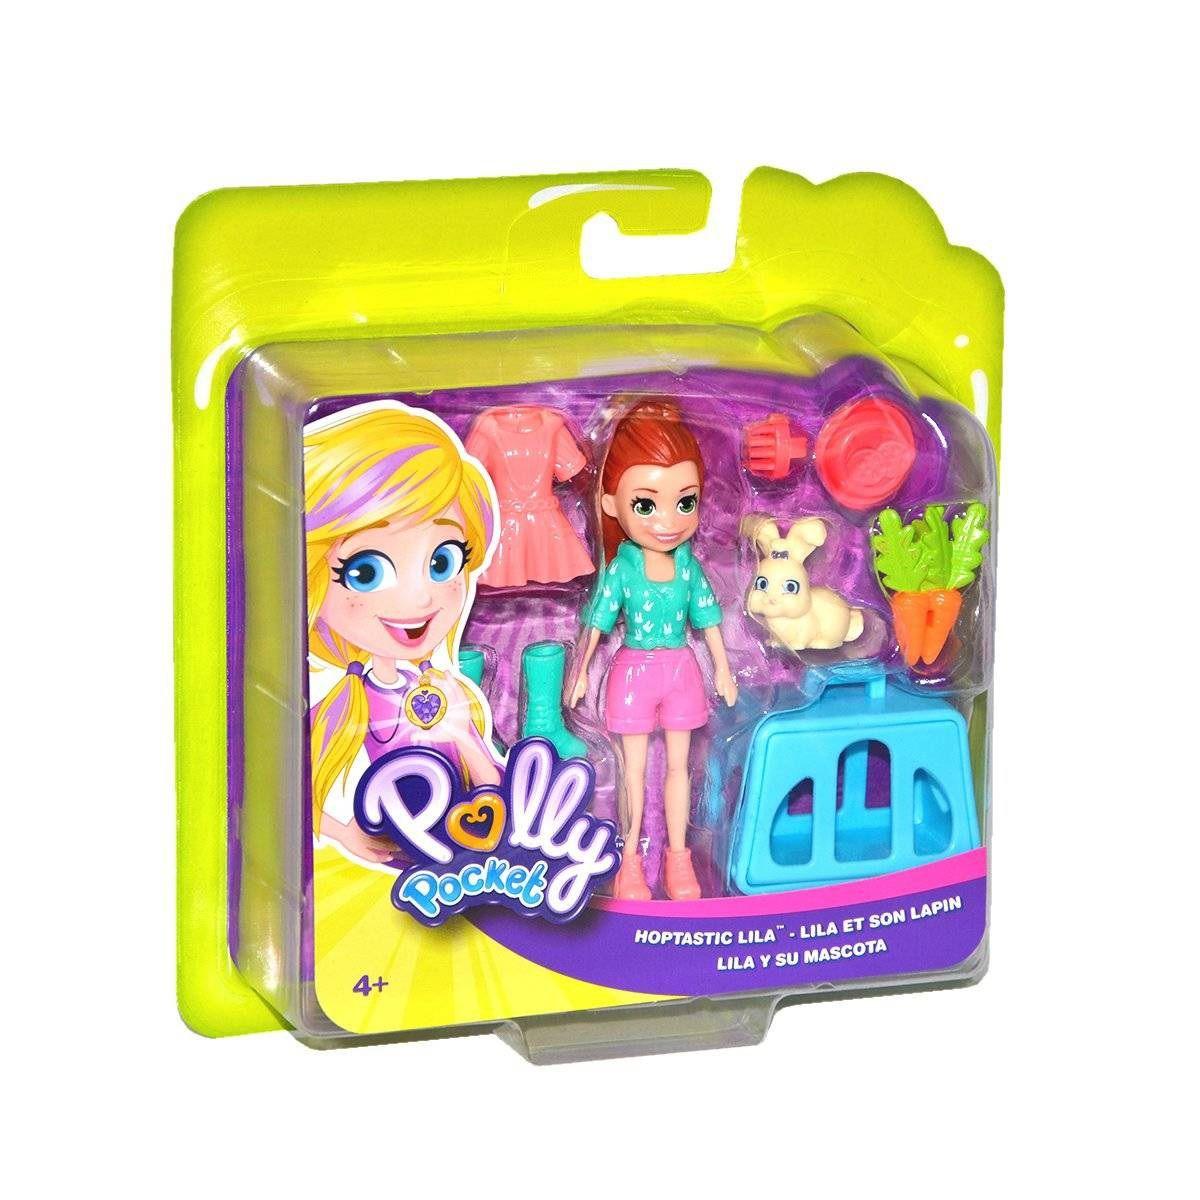 Boneca Polly Pocket Lila e Coelhinha - Mattel